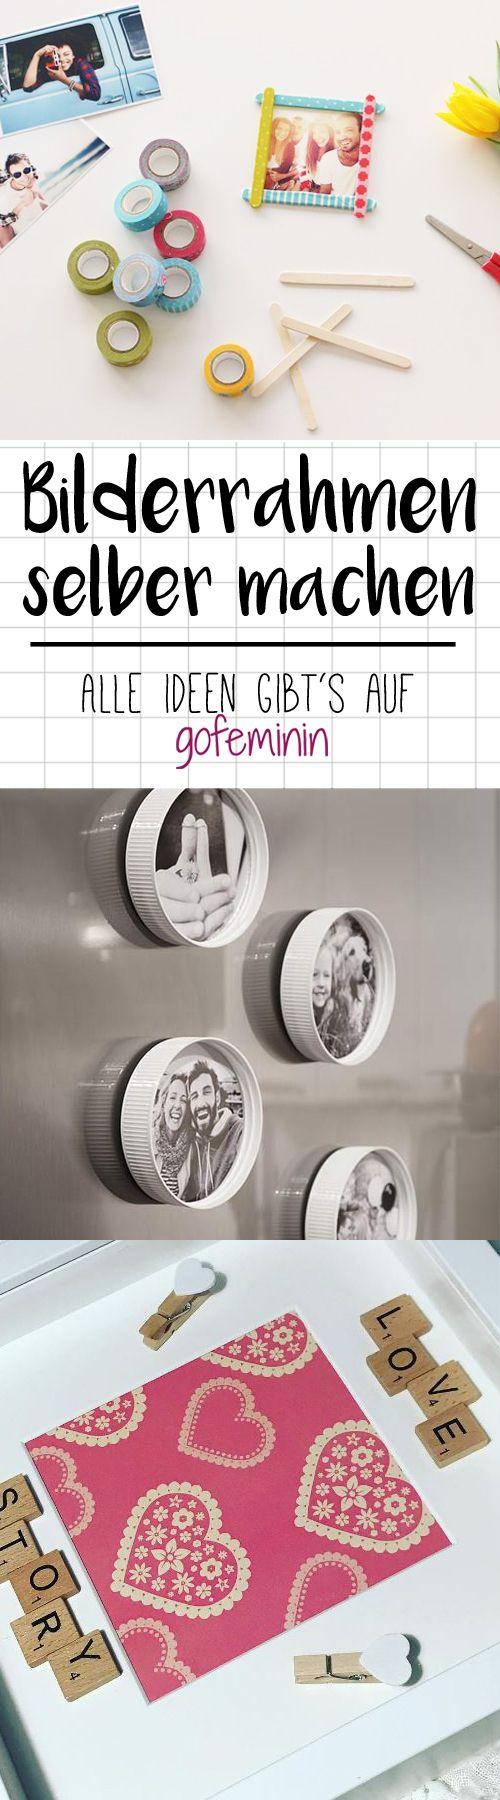 Bilderrahmen Selber Machen: 3 Geniale DIY Ideen Für Eure Wohnung